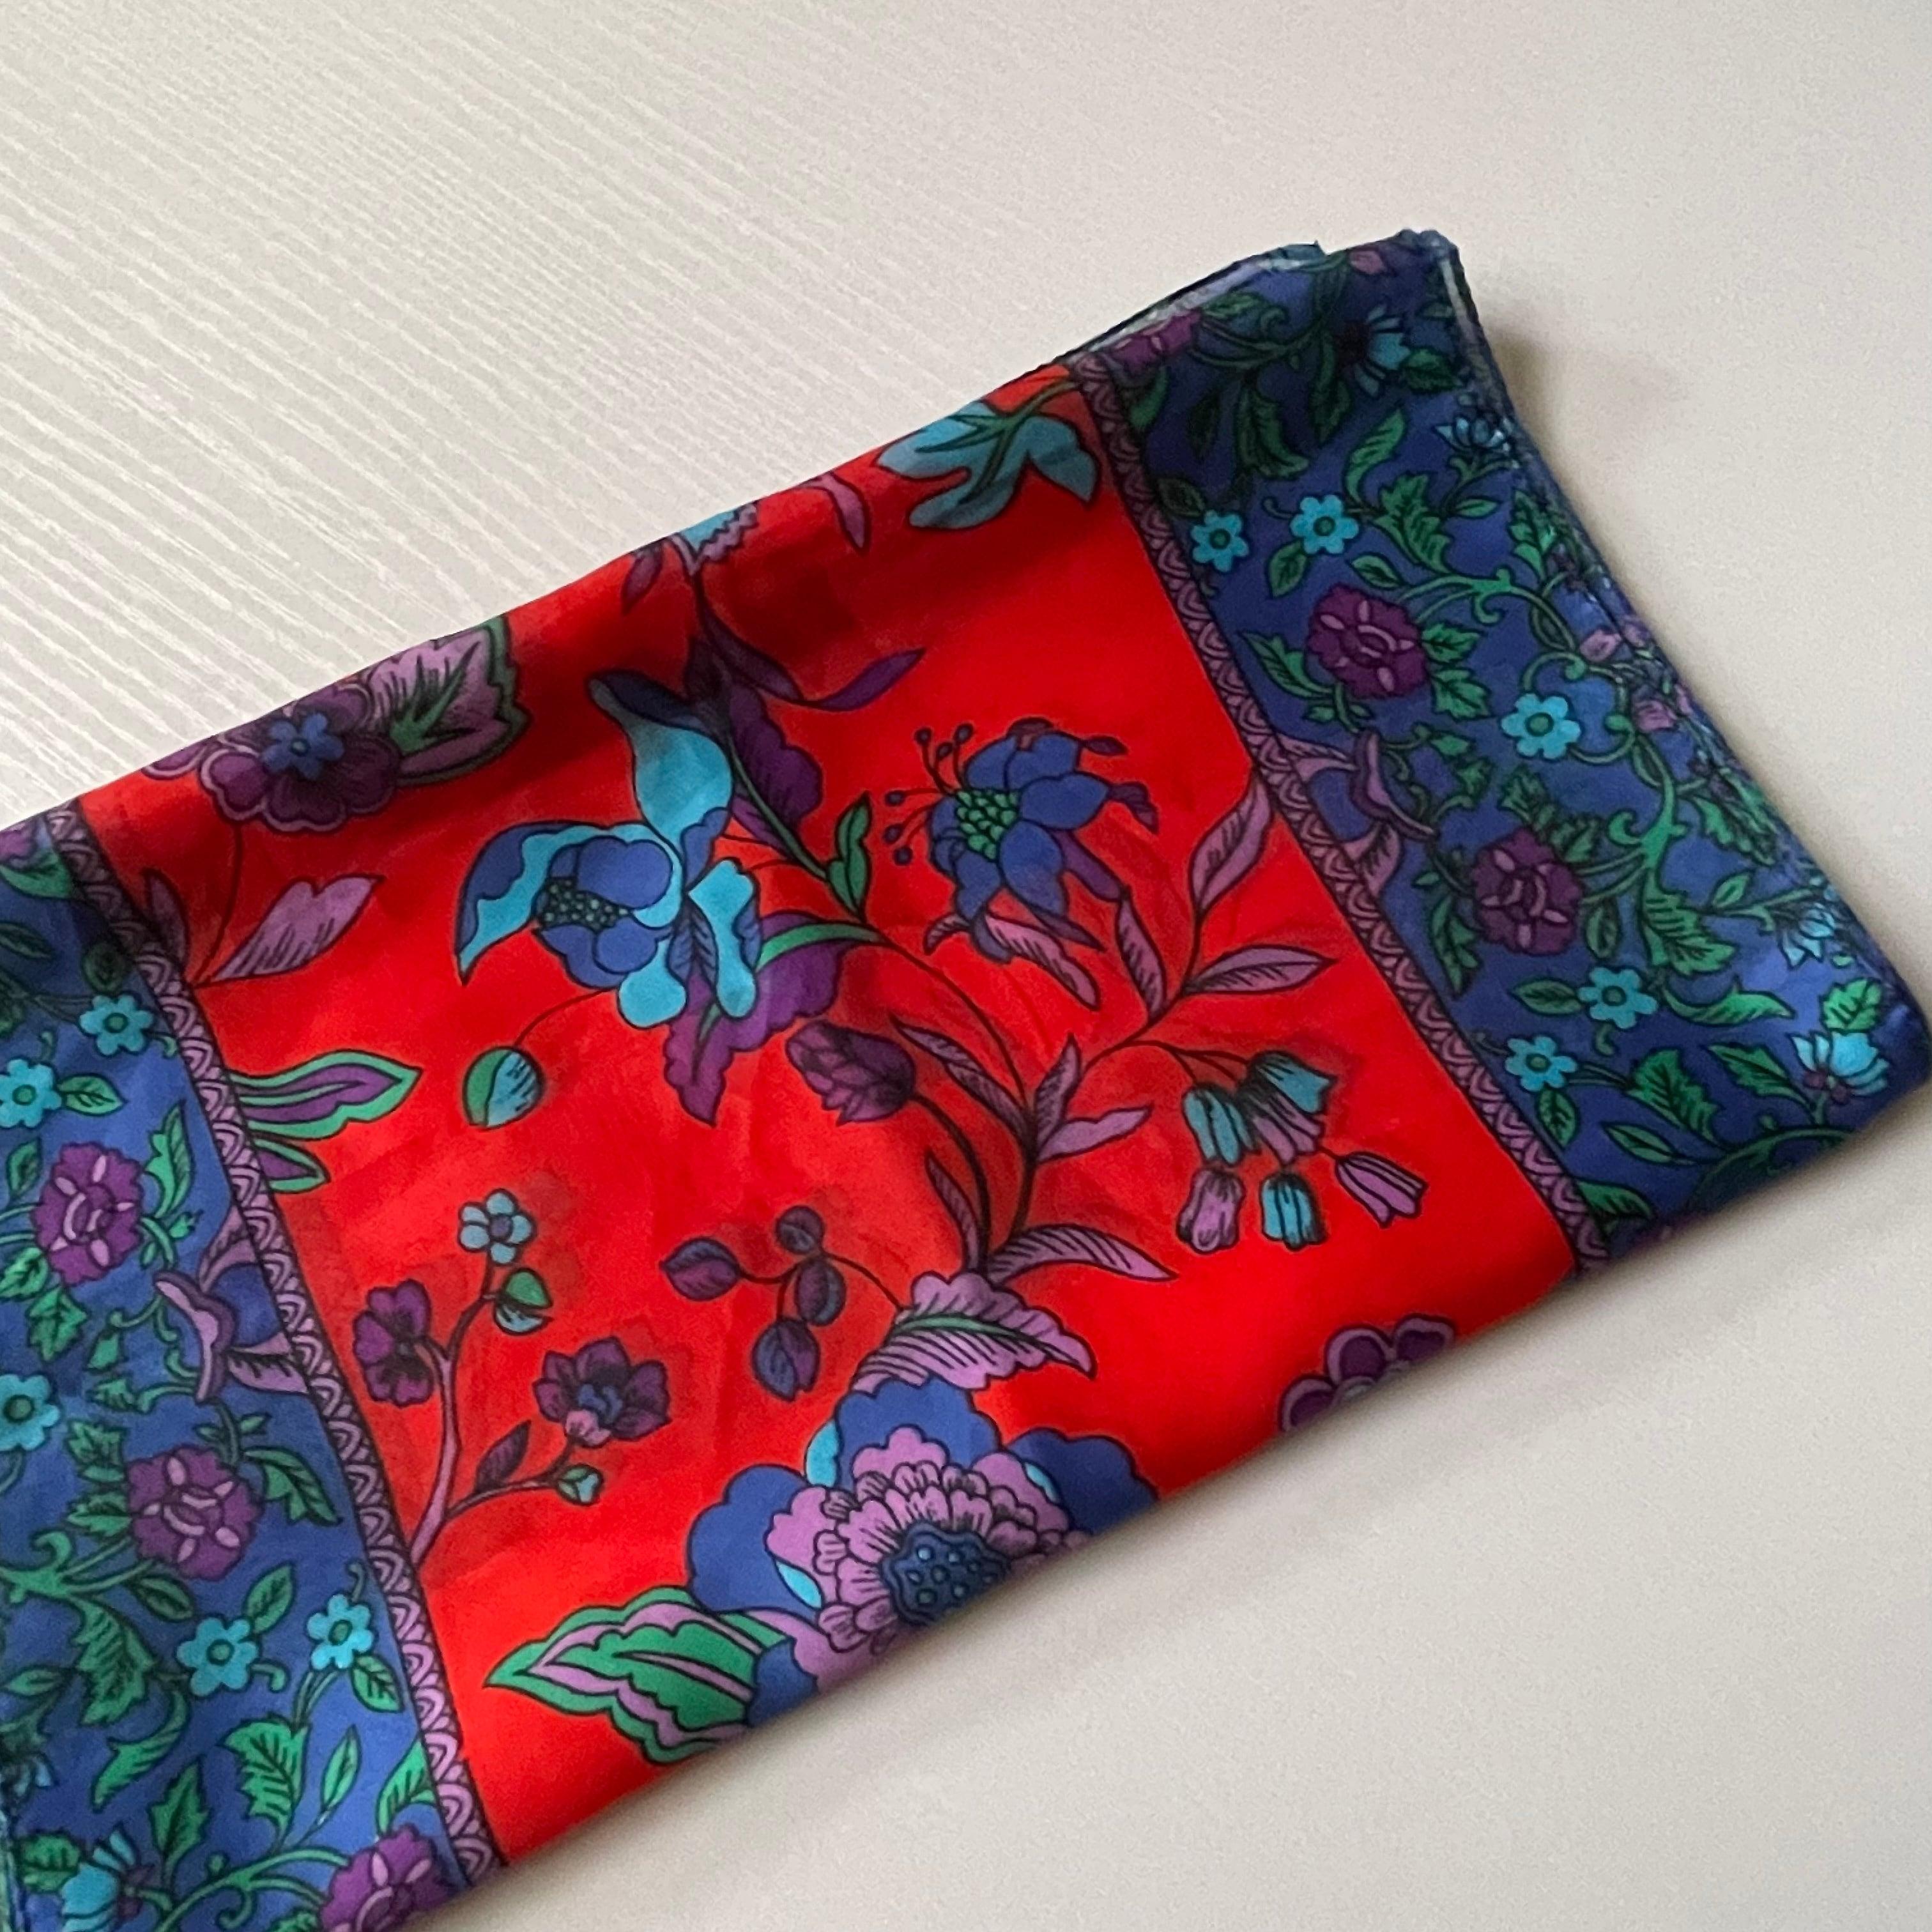 レディース フラワープリント スカーフ ITALY製 ヨーロッパ古着